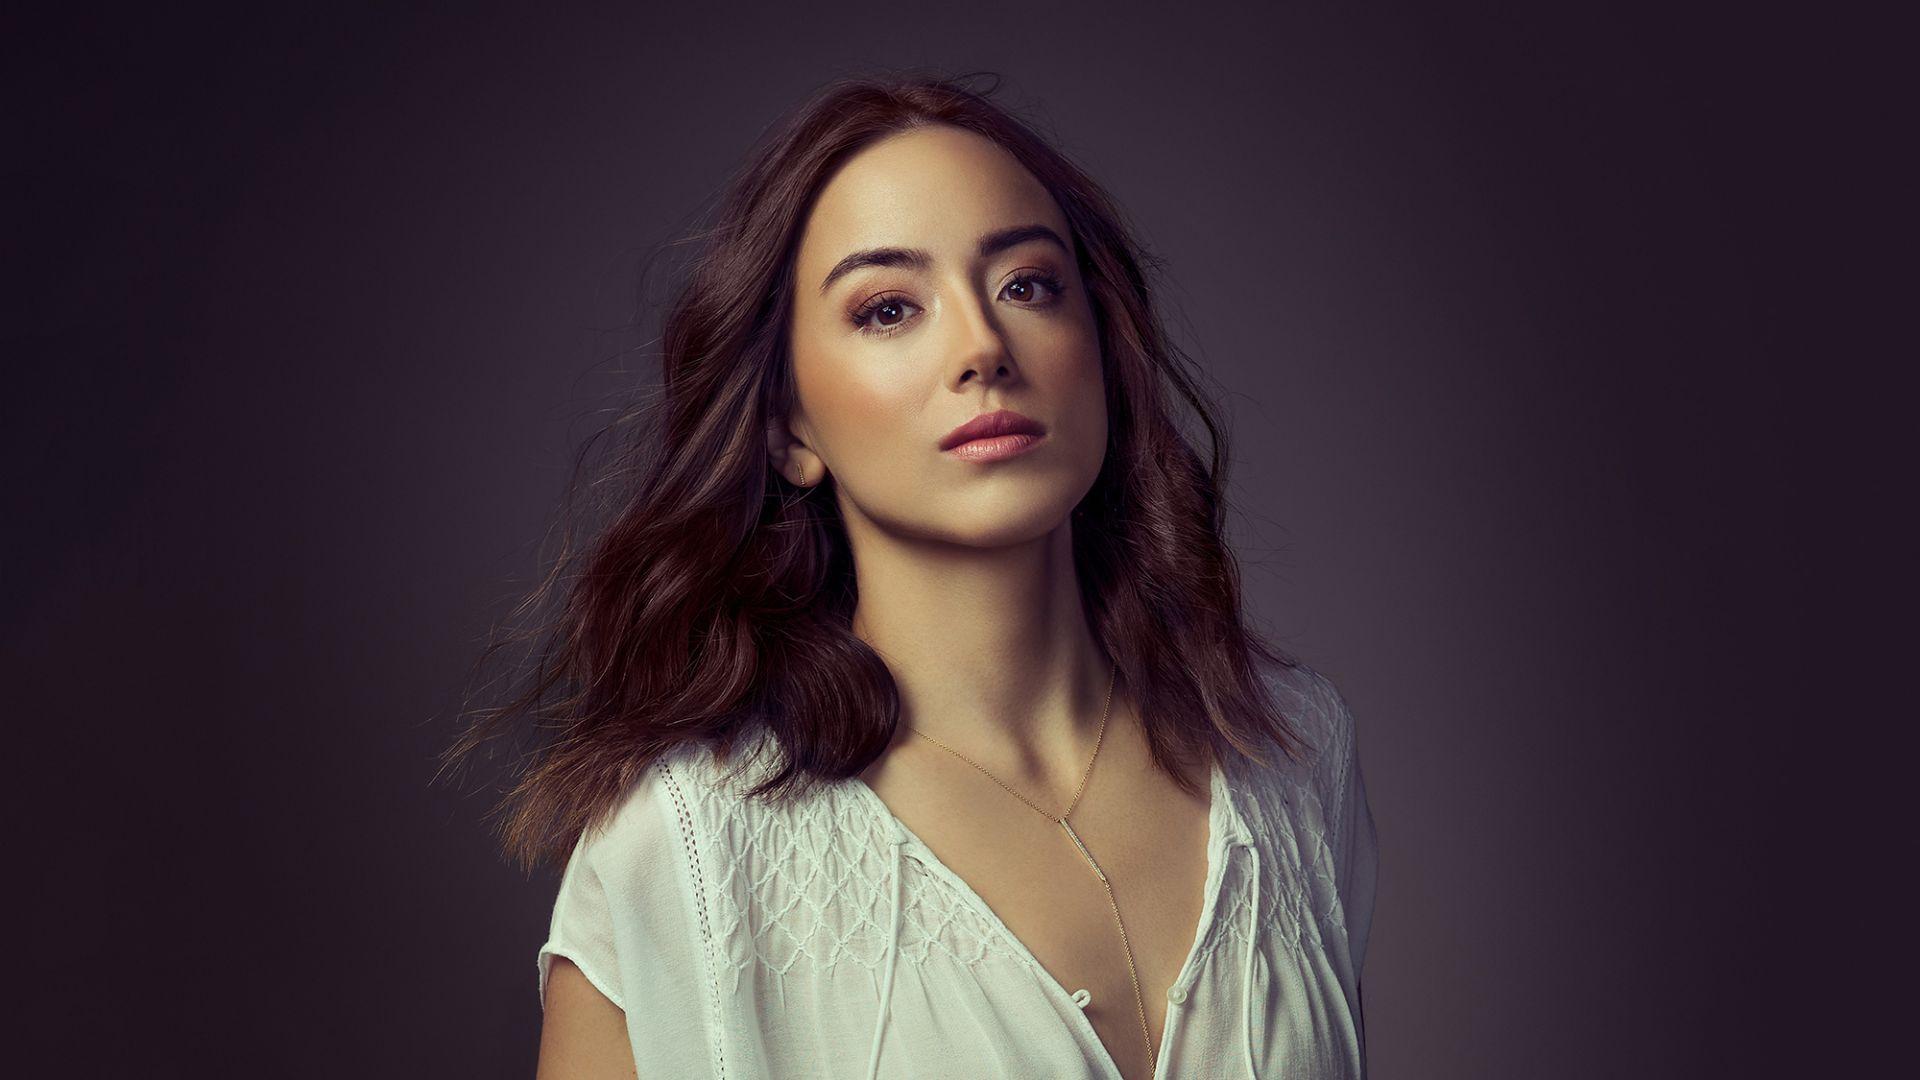 Wallpaper Chloe Bennet, white top, celebrity